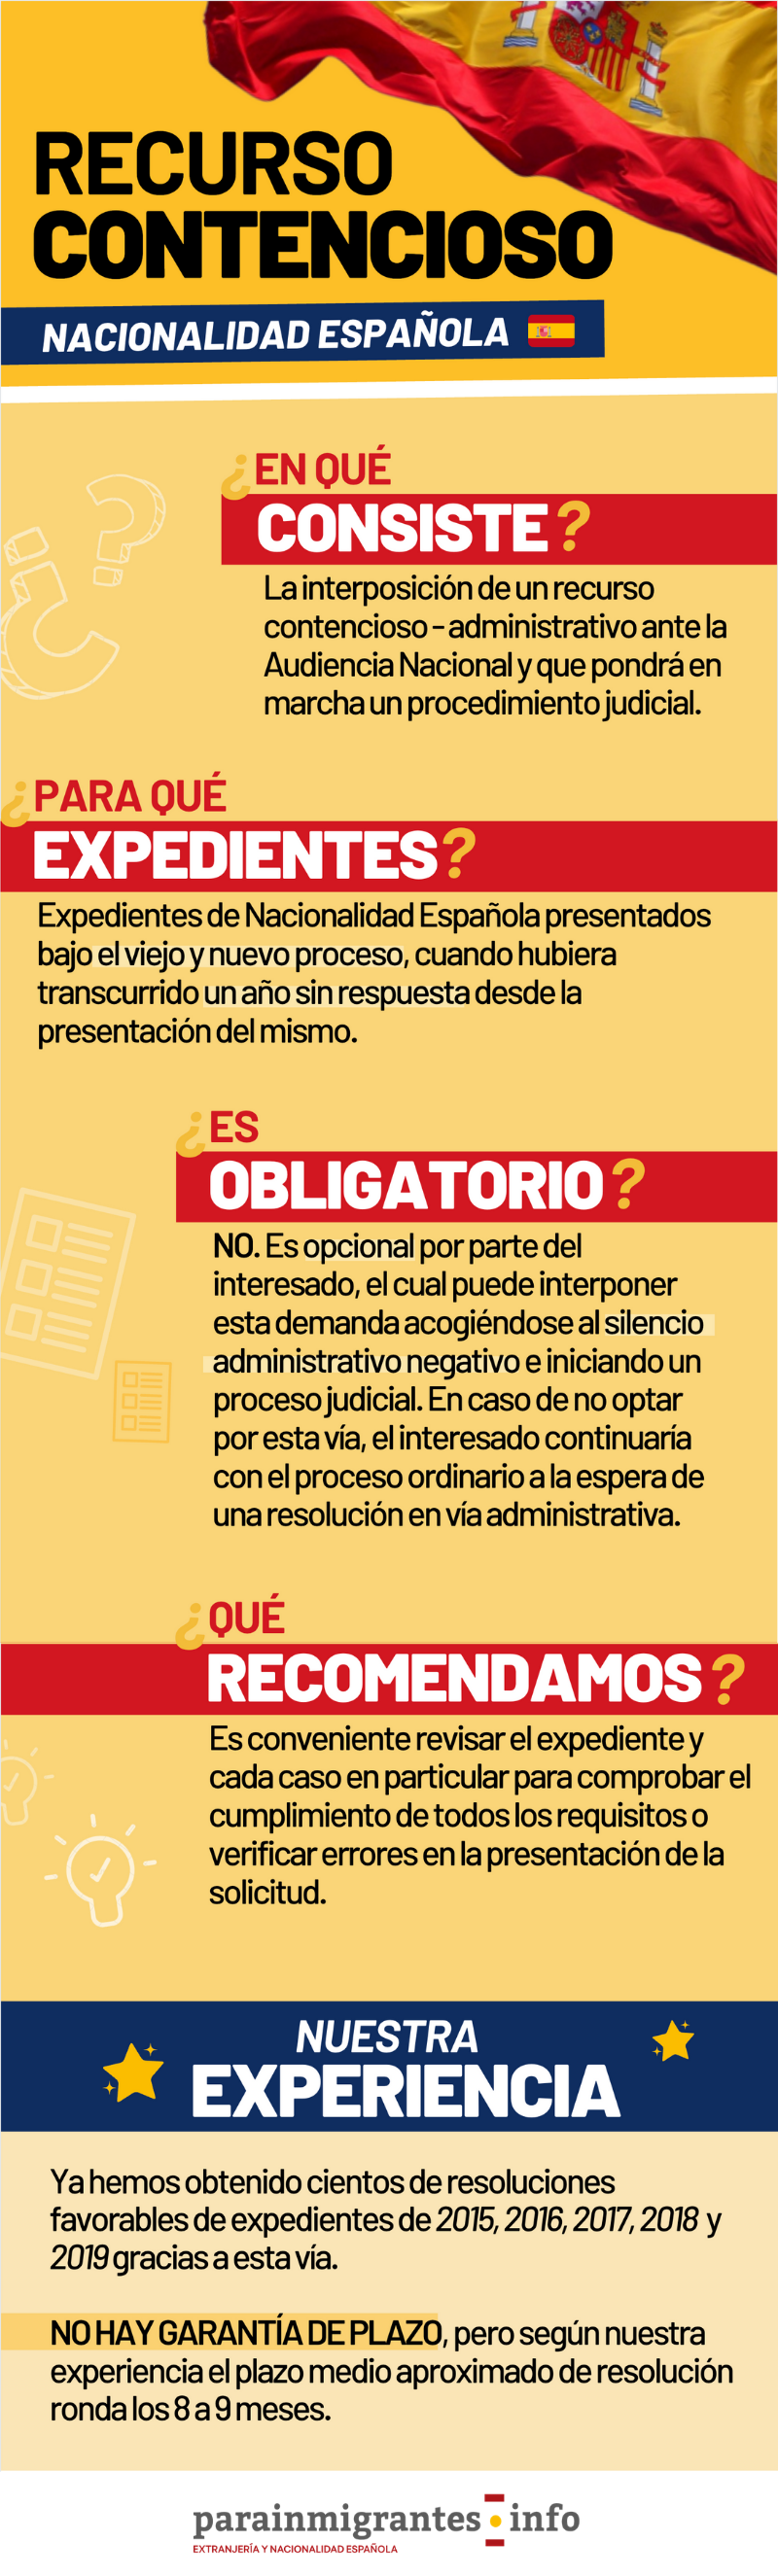 Infografía RECURSO CONTENCIOSO